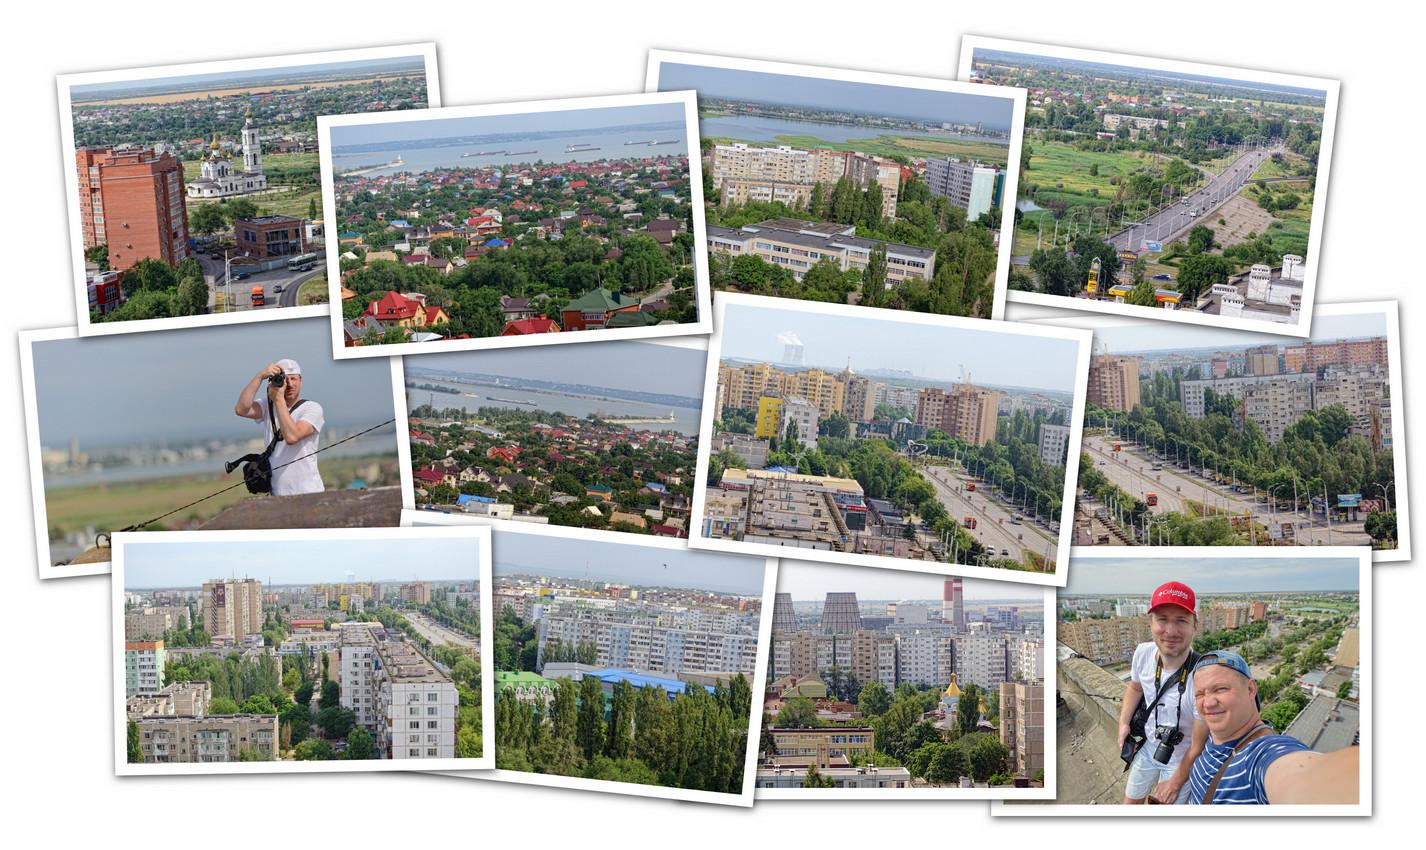 APC_Collage - 2020.06.21 19.43 - 001